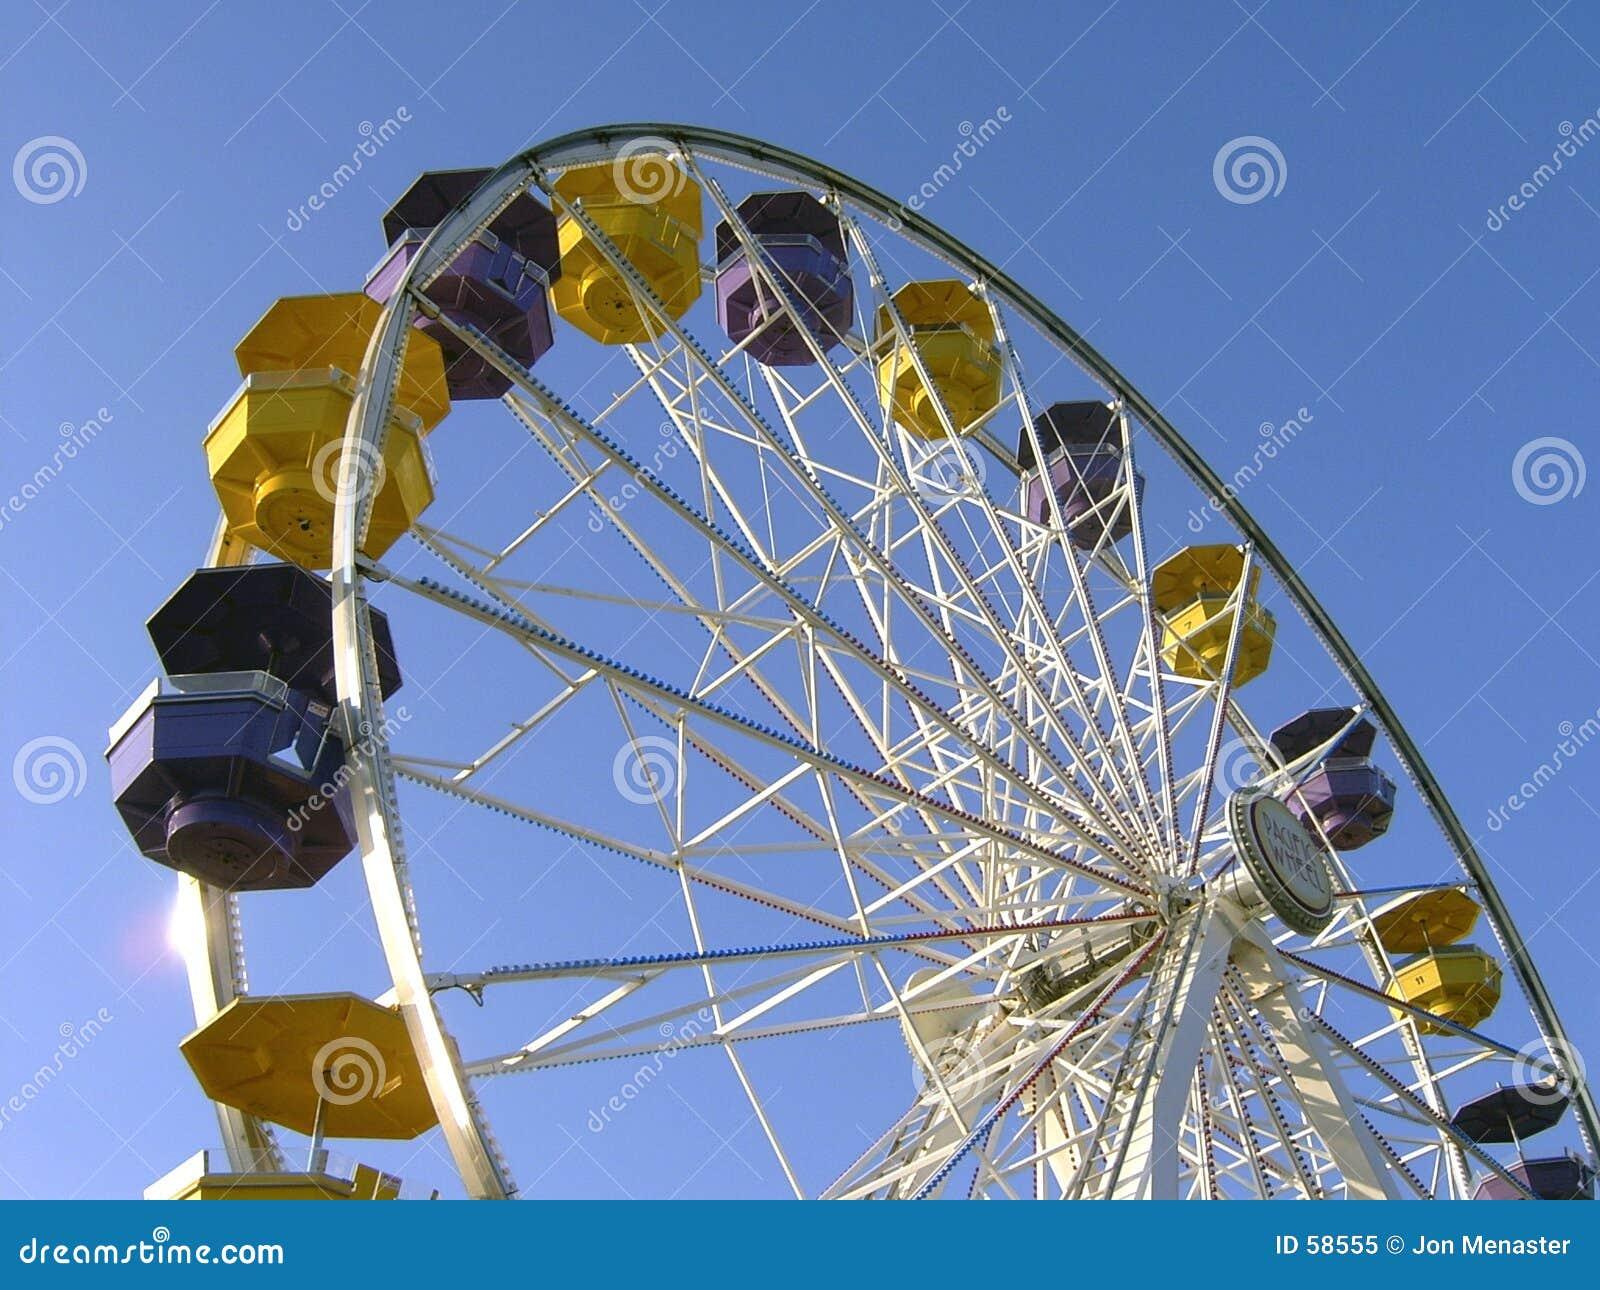 Download Roue de Ferris image stock. Image du pilier, amusement, gondole - 58555